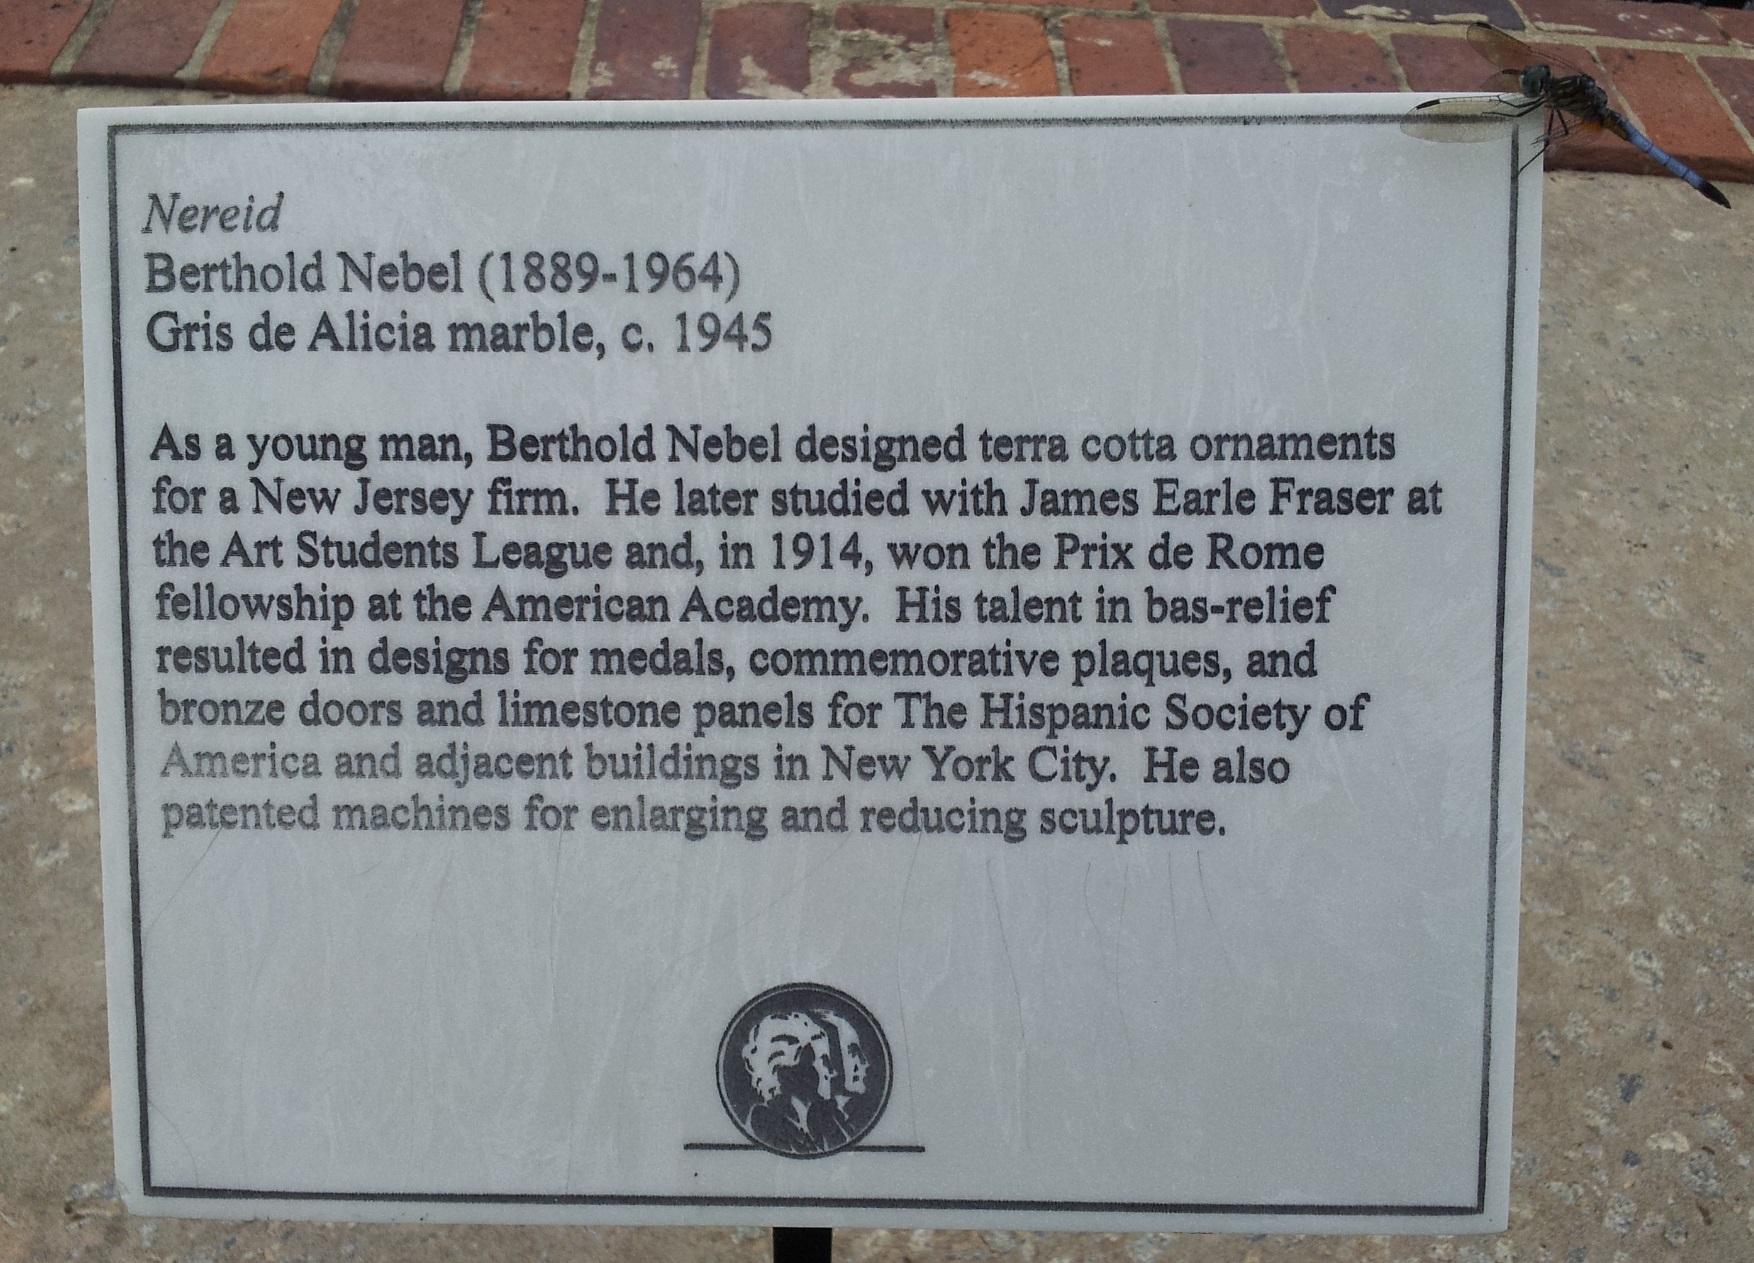 Nereid by Berthold Nebel (plaque)